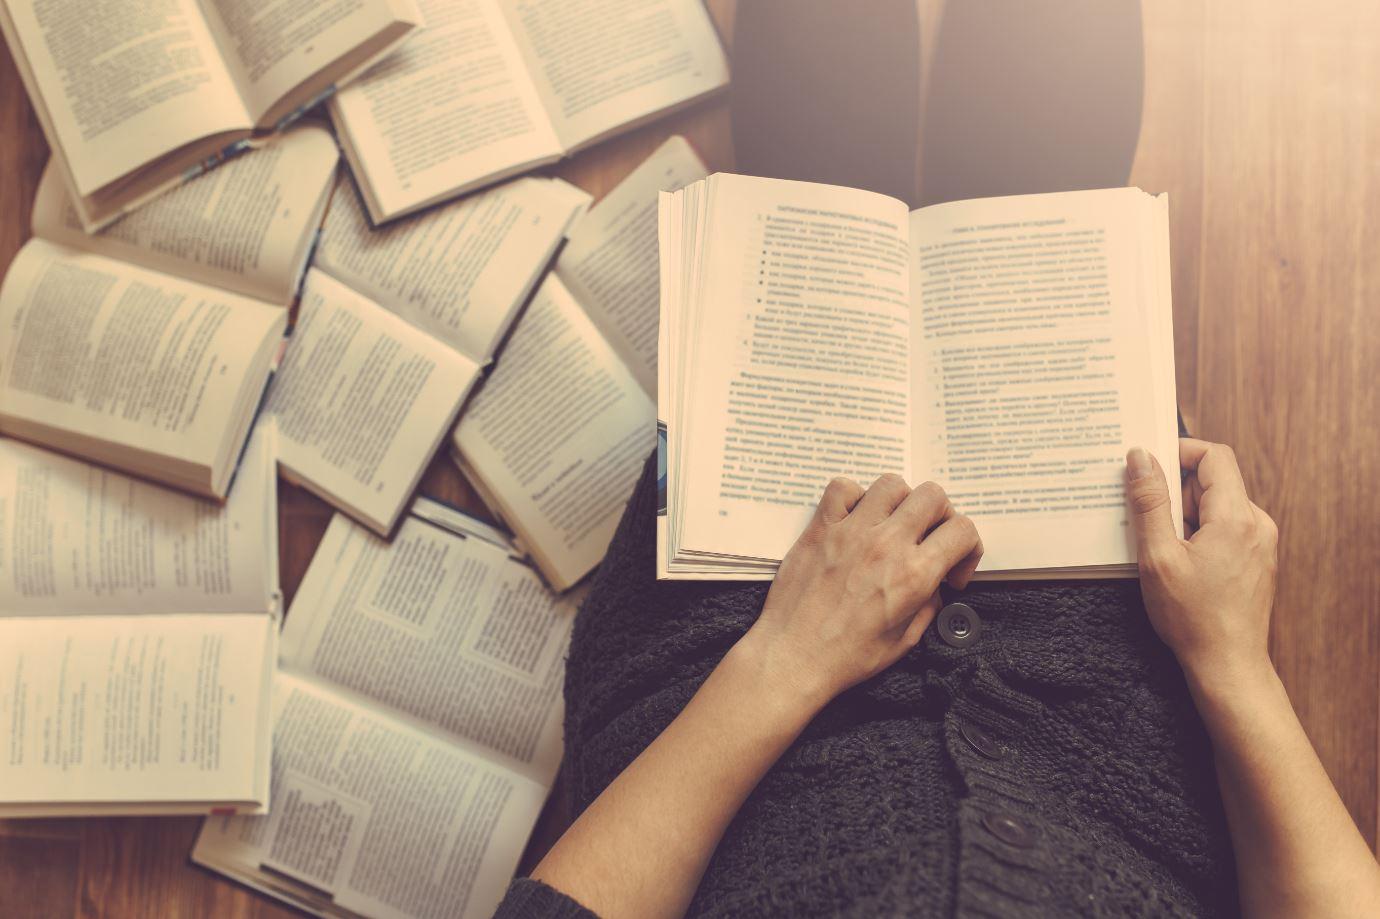 Frau mit vielen Büchern vor sich